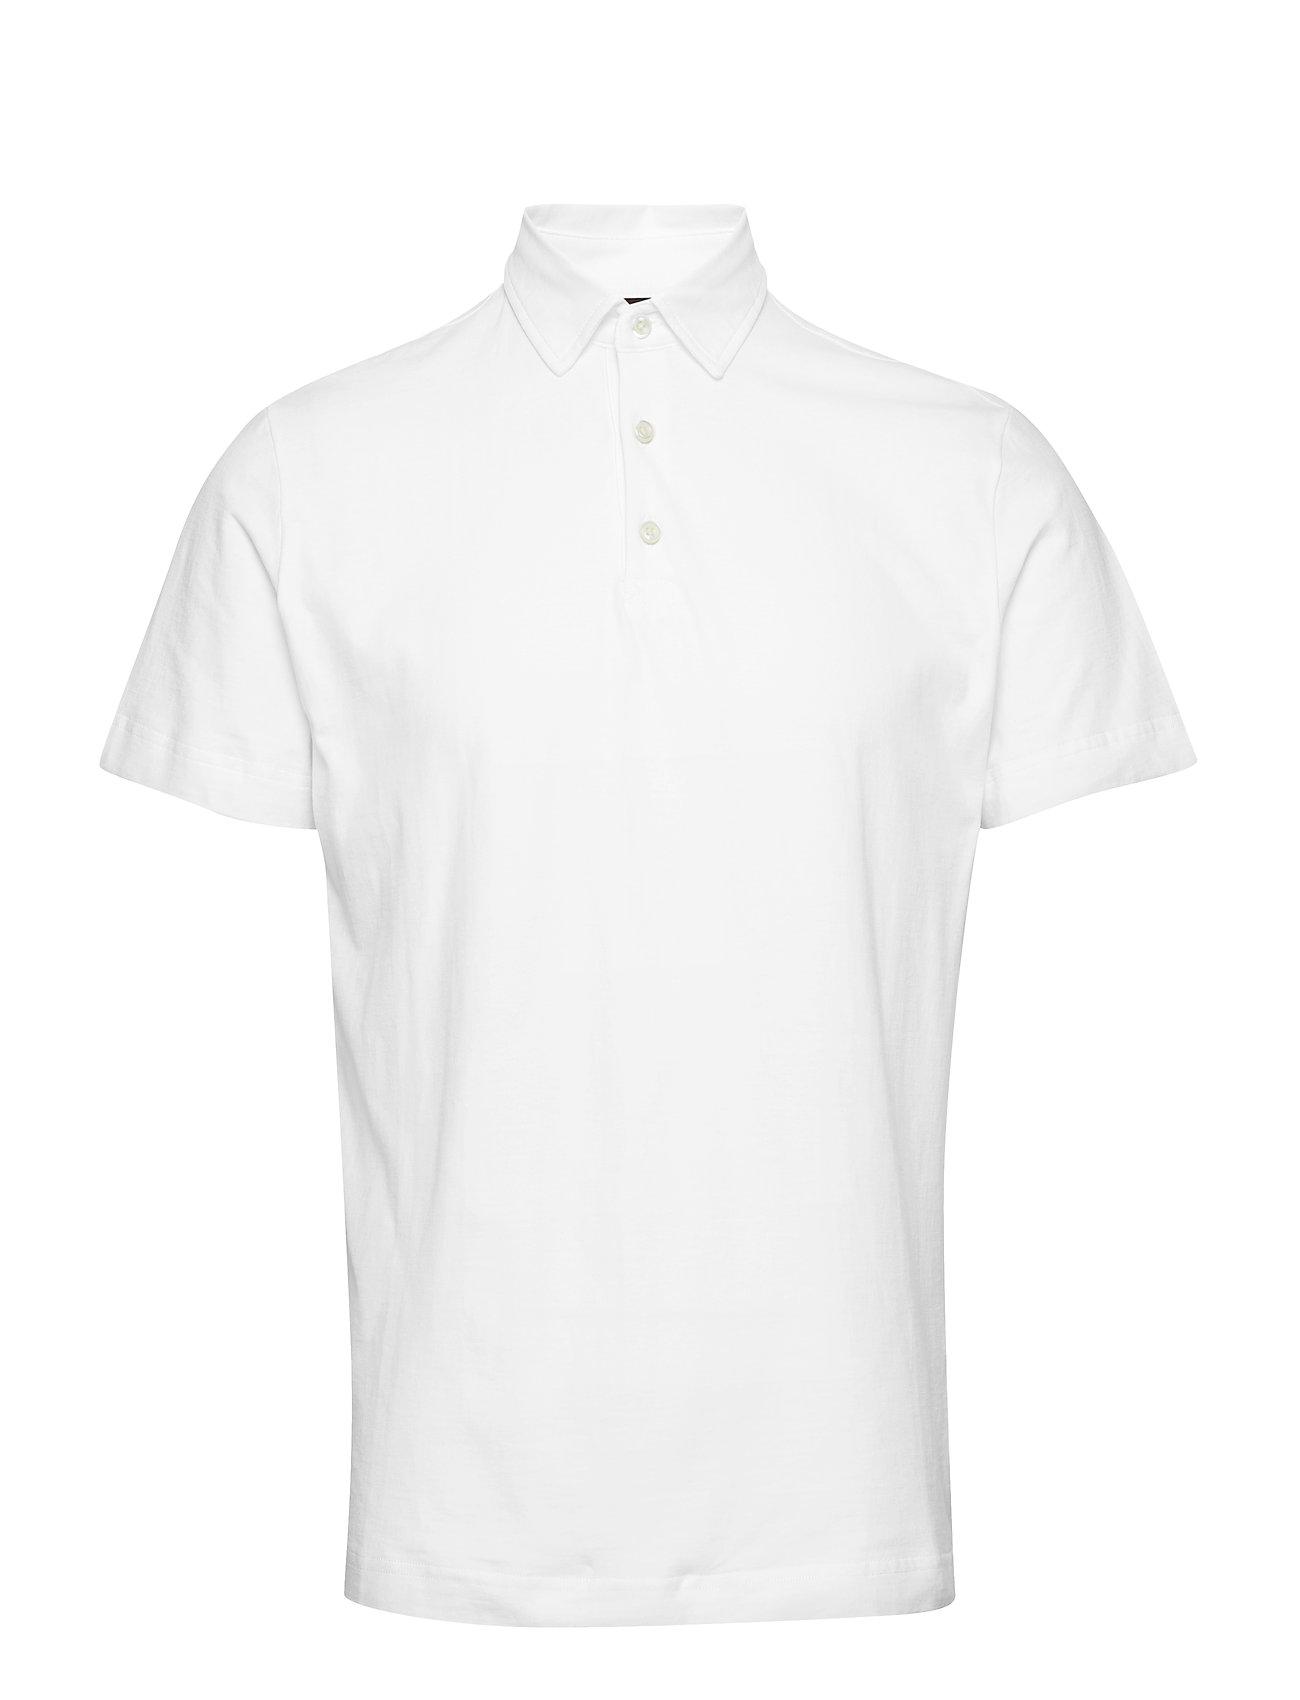 Oscar Jacobson Zine Poloshirt - 910 - OFF WHITE